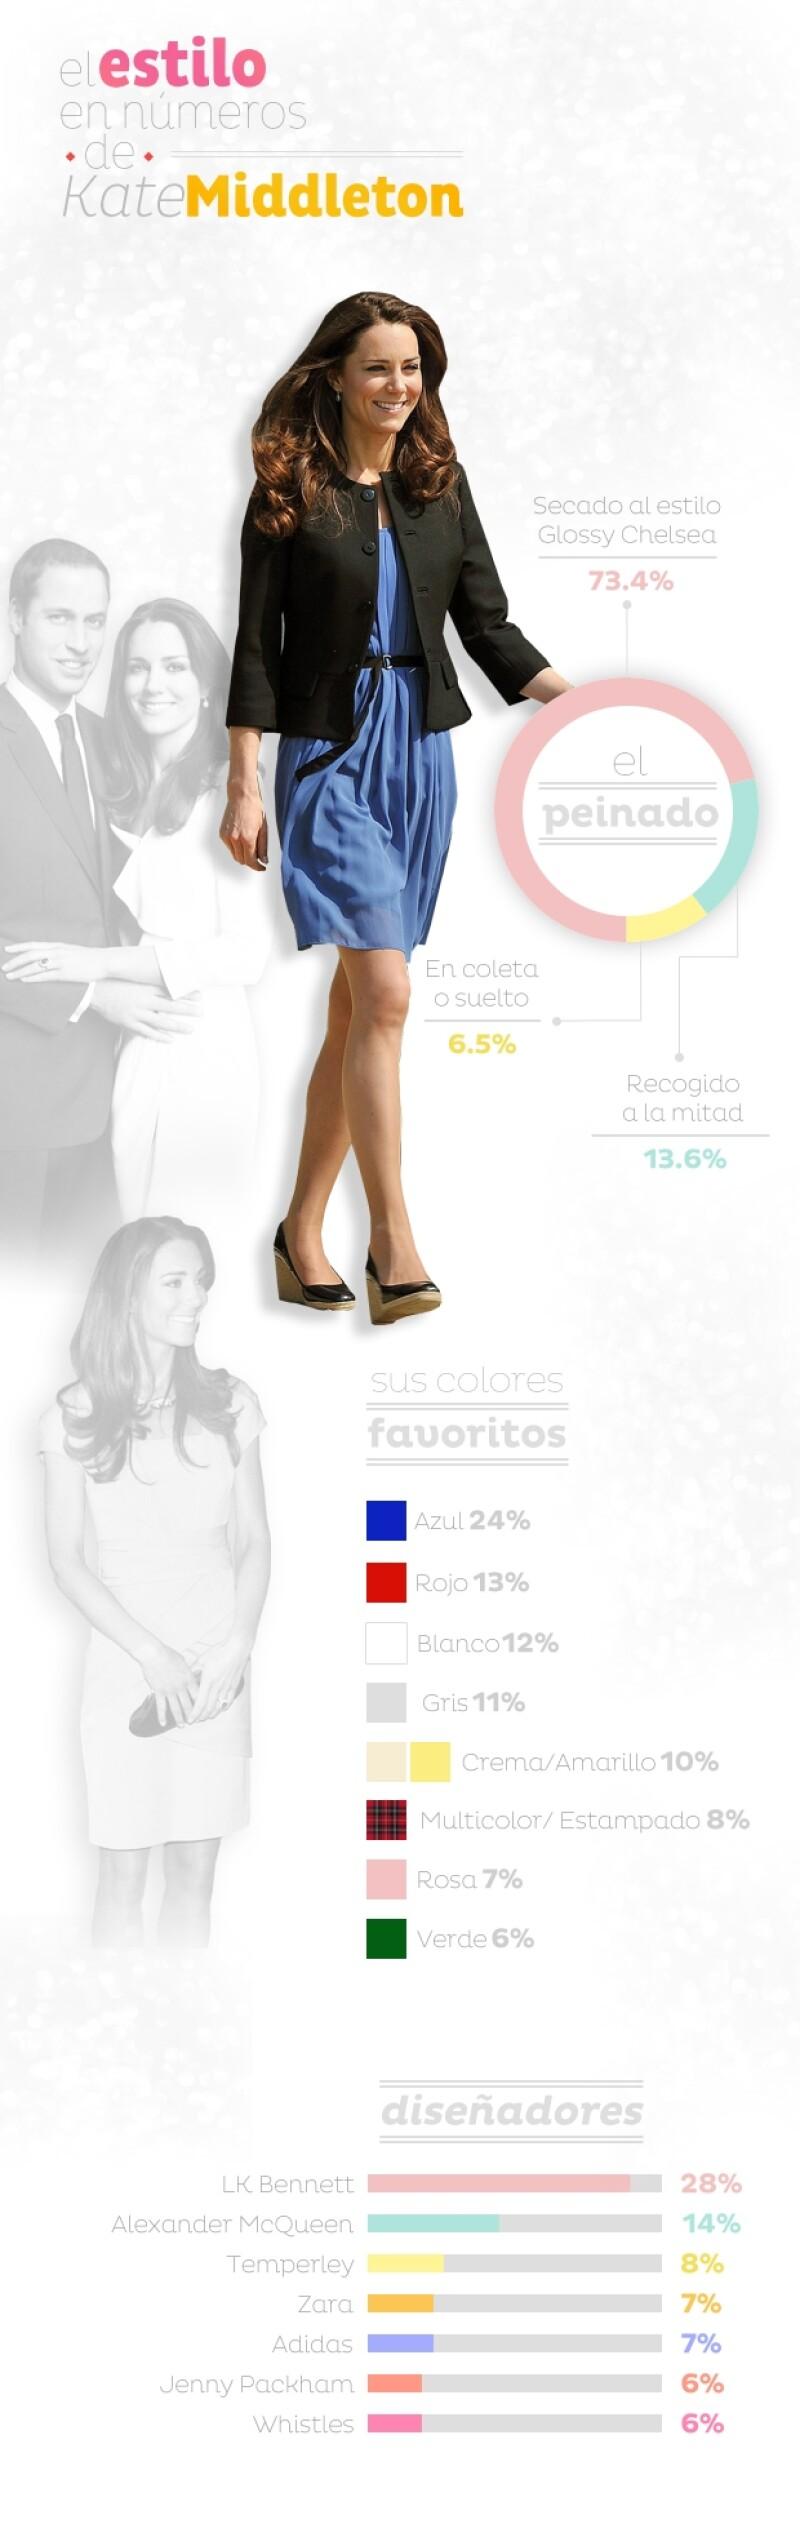 Desde que se comprometiera con el príncipe Guillermo en 2011 Middleton ha aparecido con 100 diferentes looks de los cuales te decímos; sus colores favoritos, peinados elegidos y marcas predilectas.